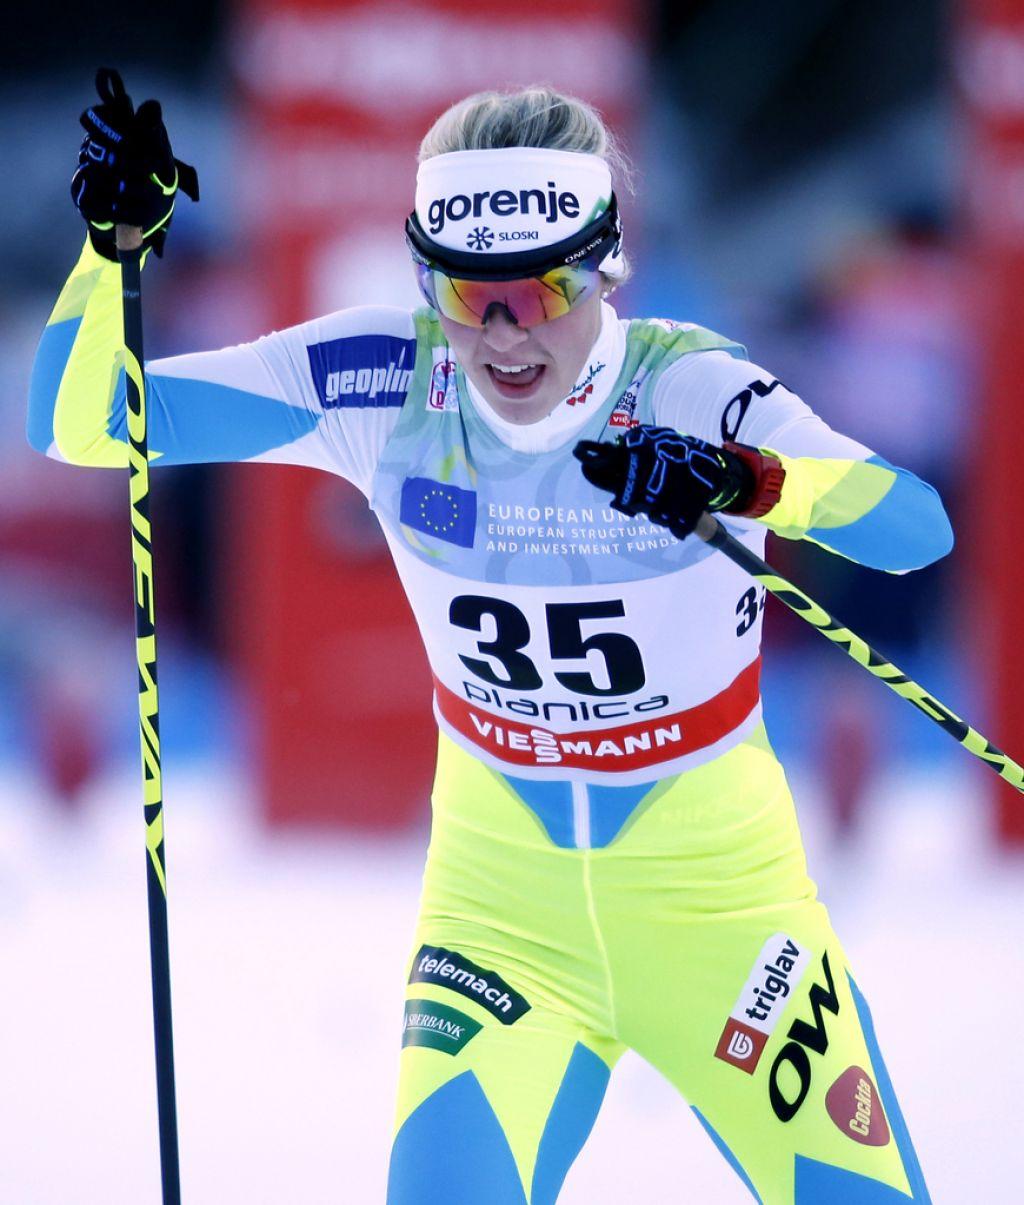 V Lahtiju norveška prevlada, tri Slovenke v četrtfinalu